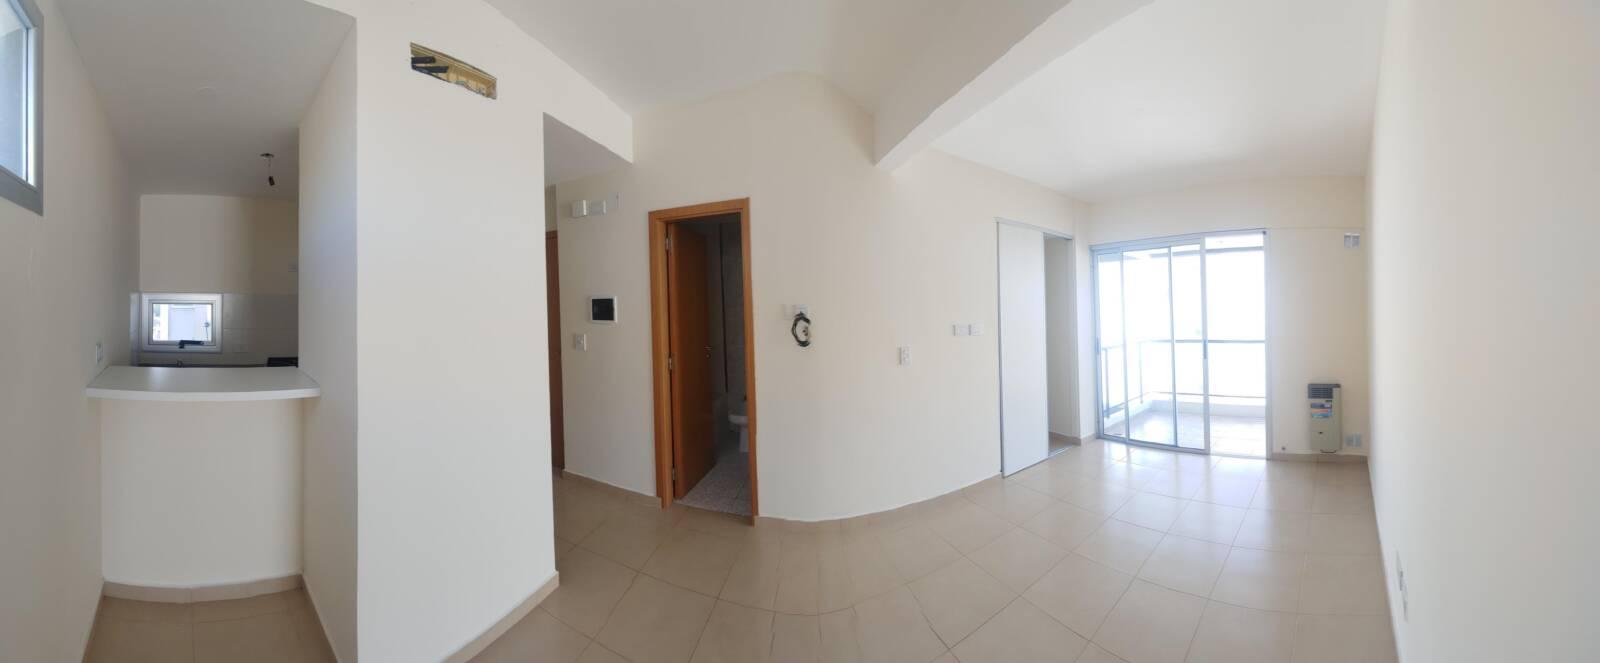 Departamento en alquiler – Calle 25 e/48 y 49 – La Plata | Larrosa